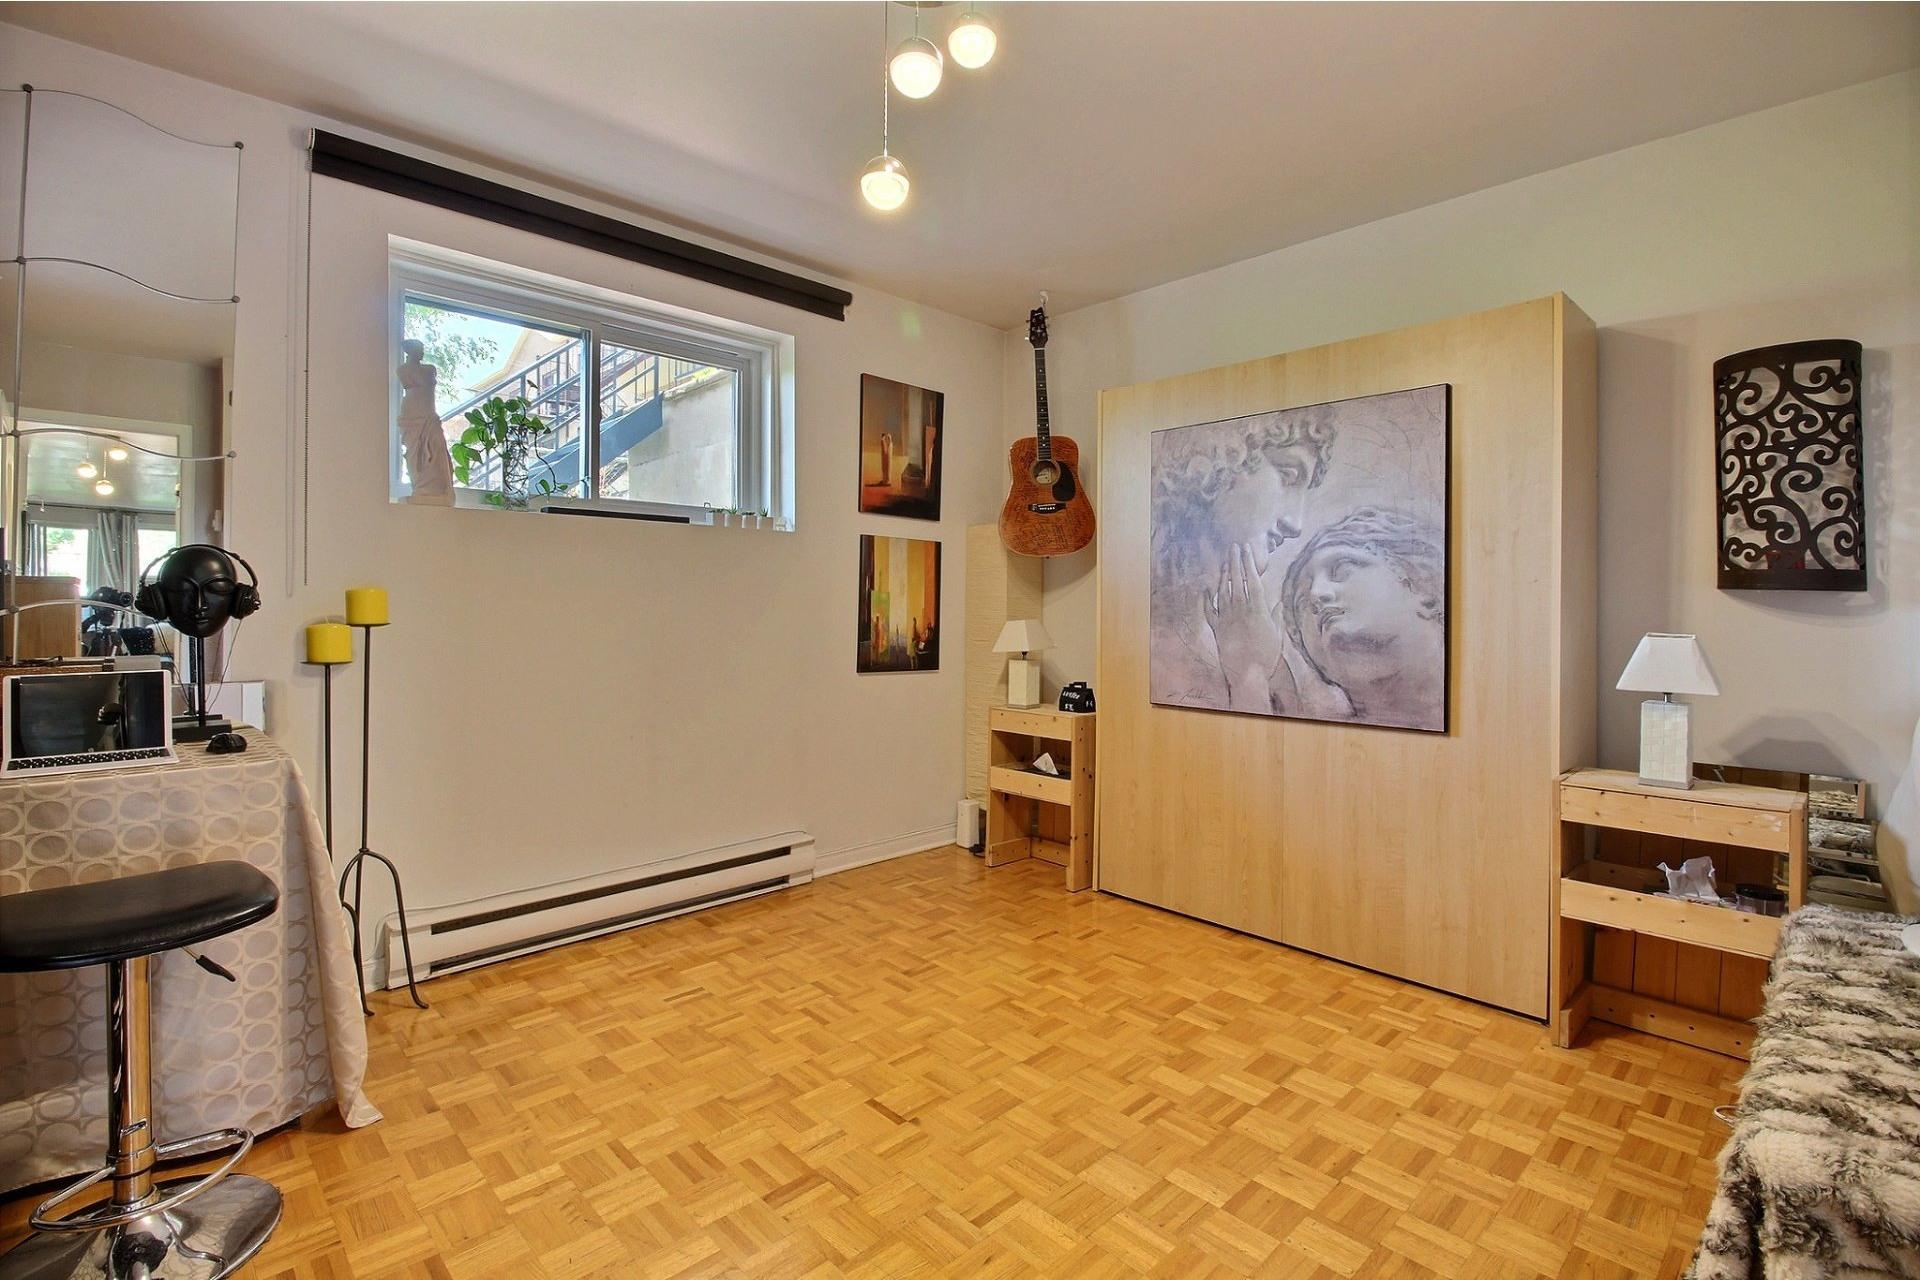 image 15 - Appartement À vendre Montréal Rivière-des-Prairies/Pointe-aux-Trembles  - 5 pièces